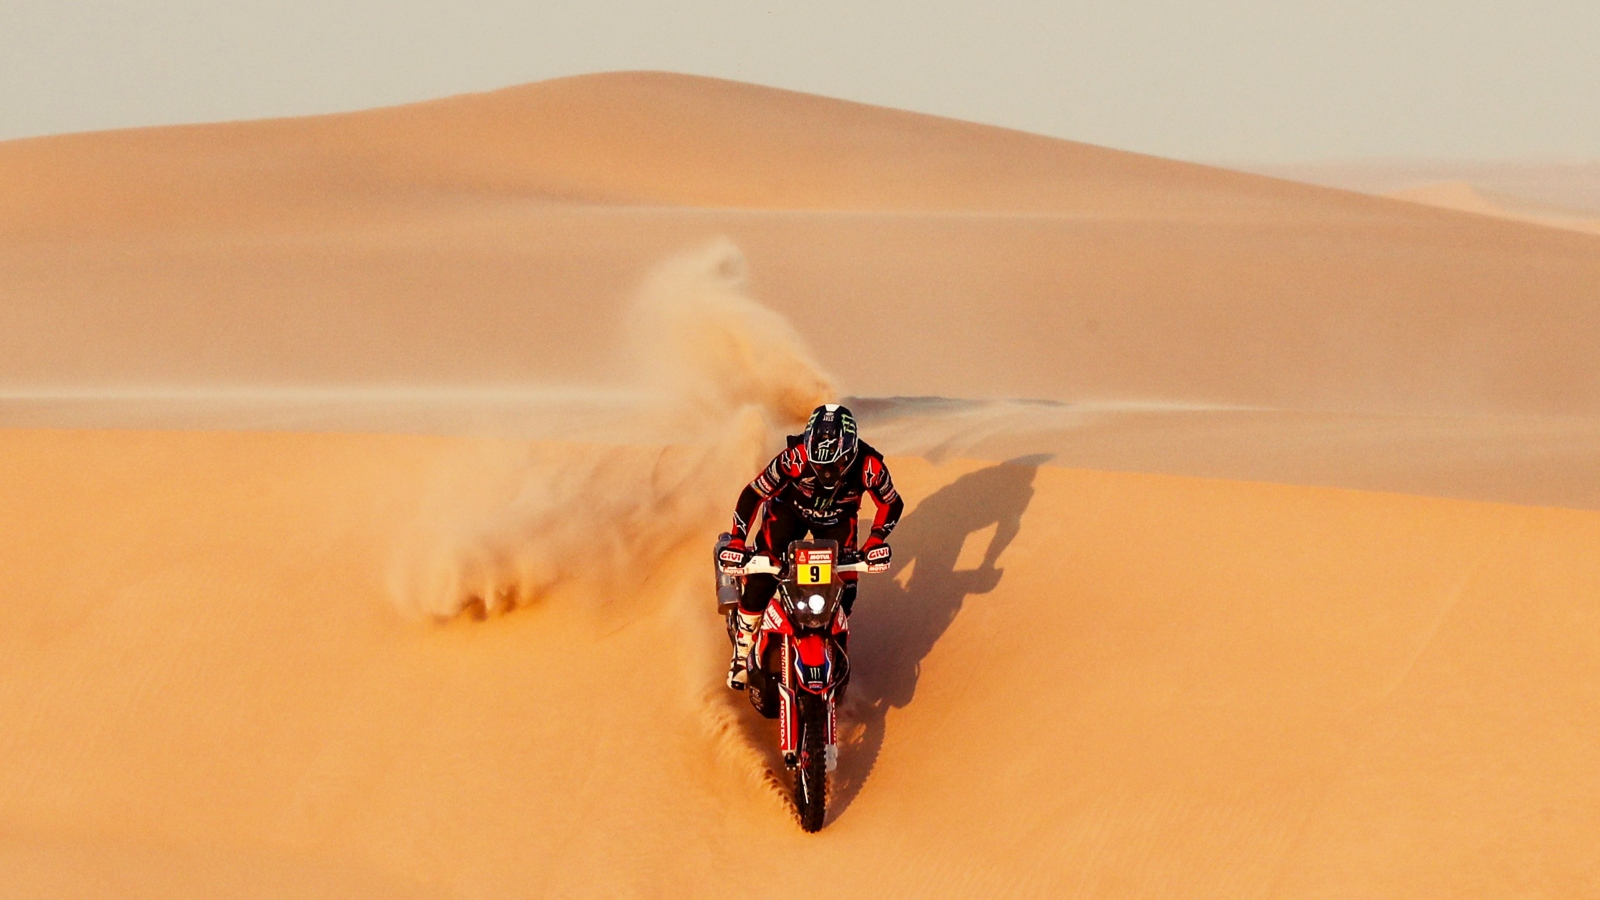 Ricky Brabec hace historia y gana el Dakar 2020 ante Pablo Quintanilla y Toby Price